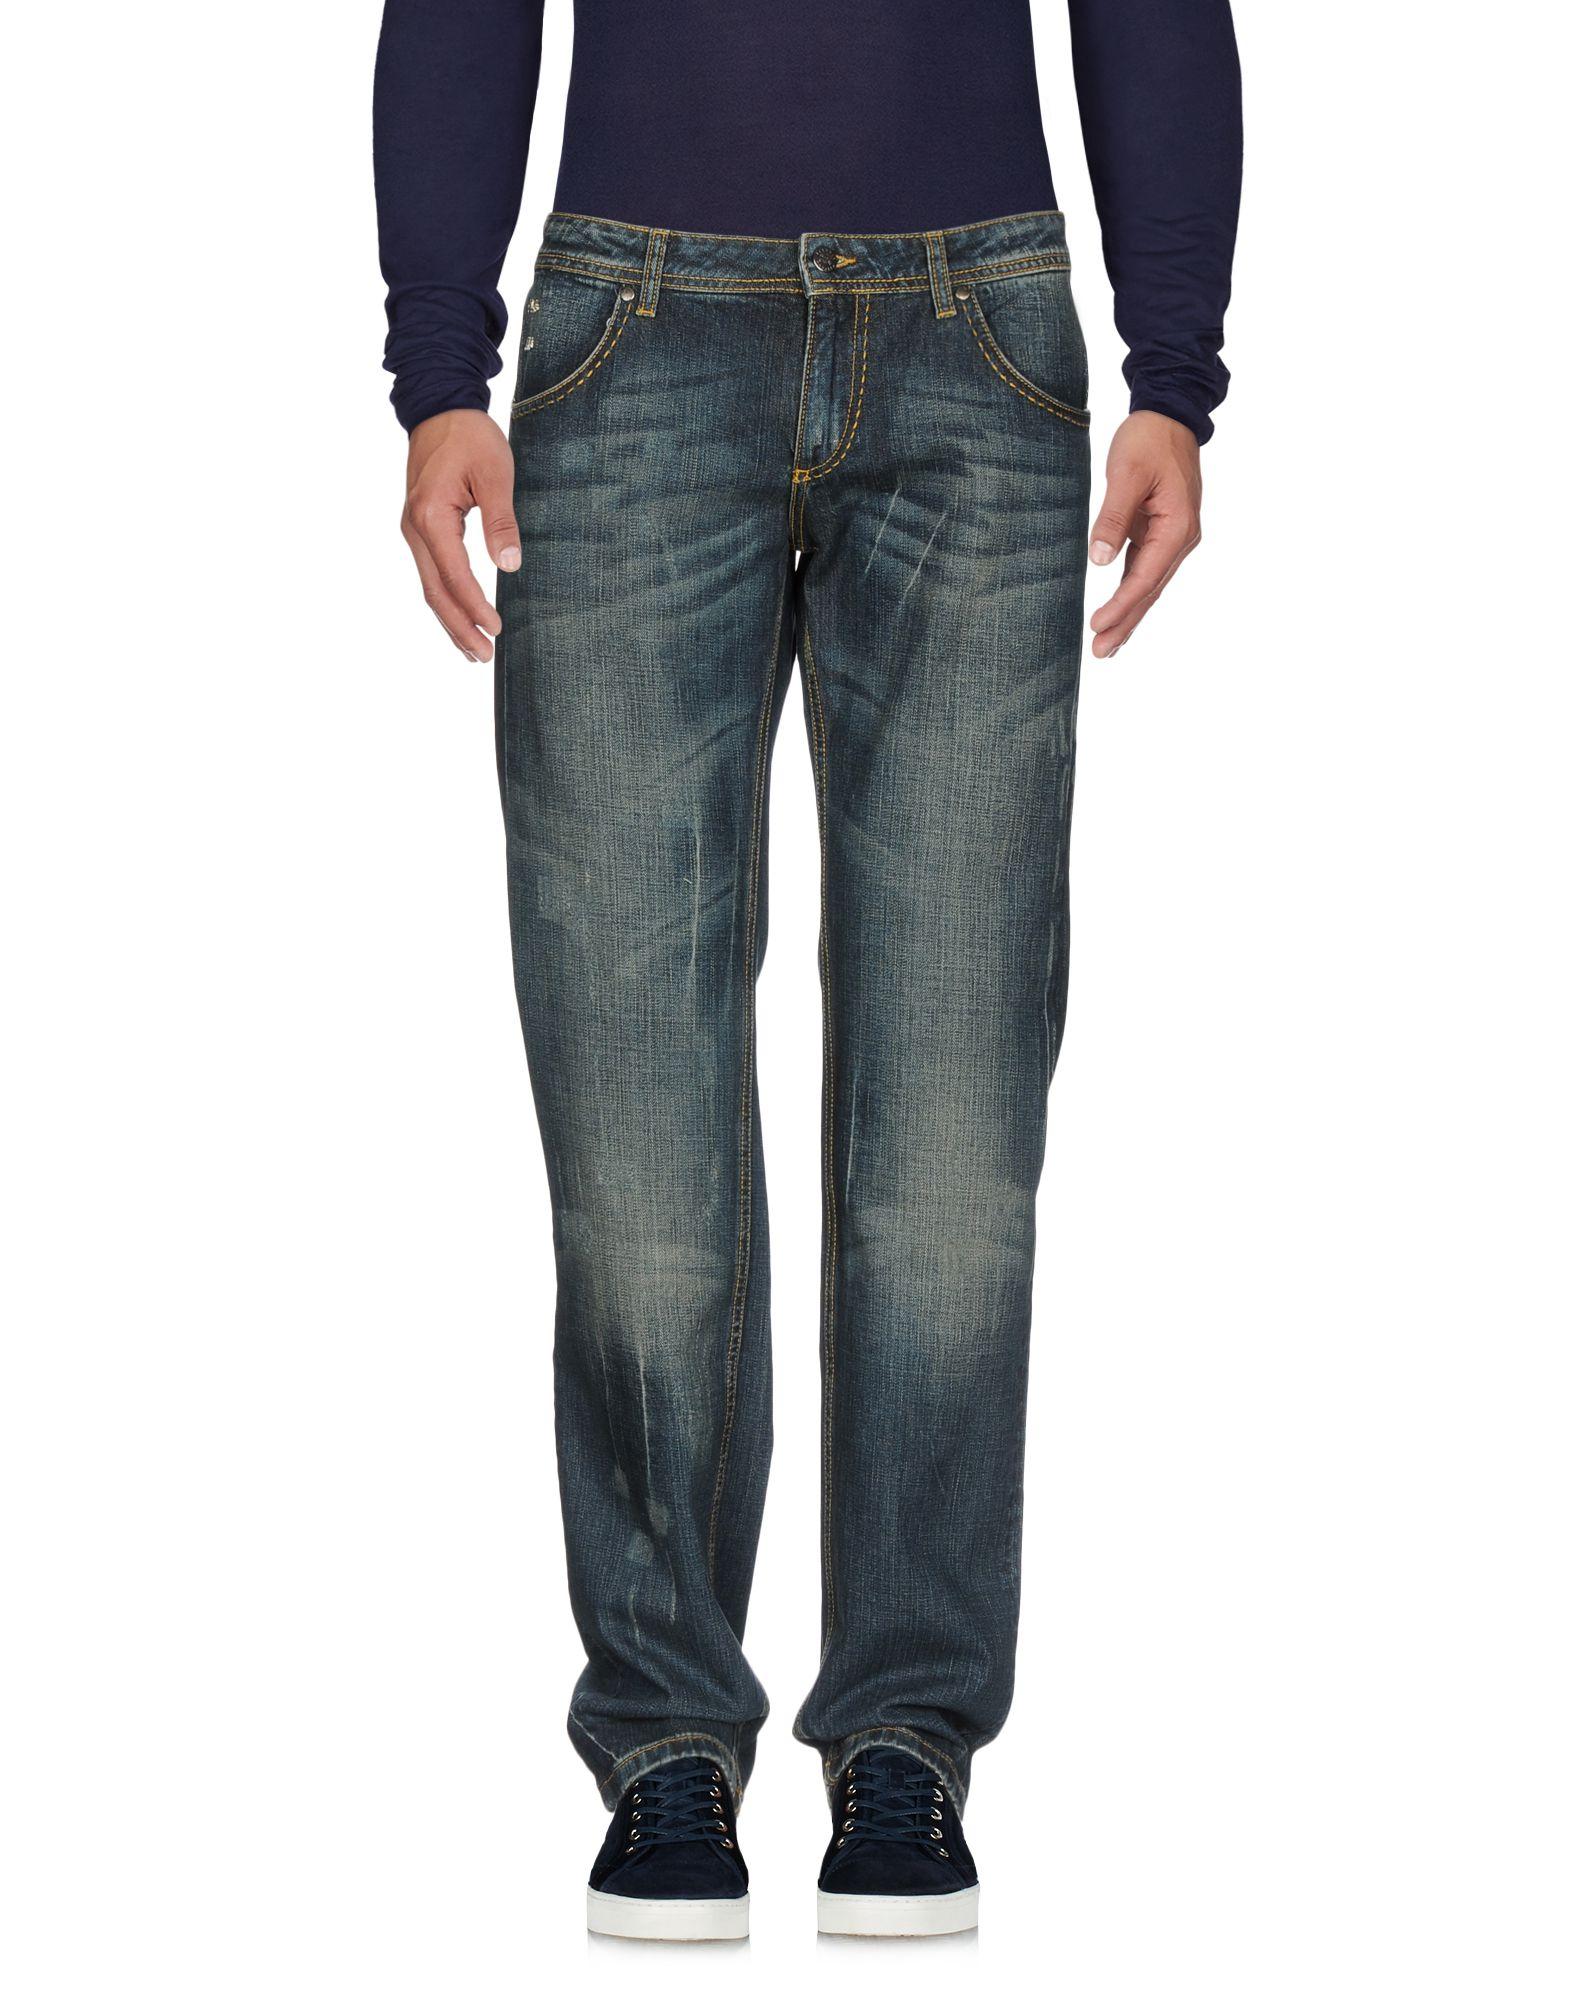 Pantaloni Jeans Frankie Morello Donna - Acquista online su